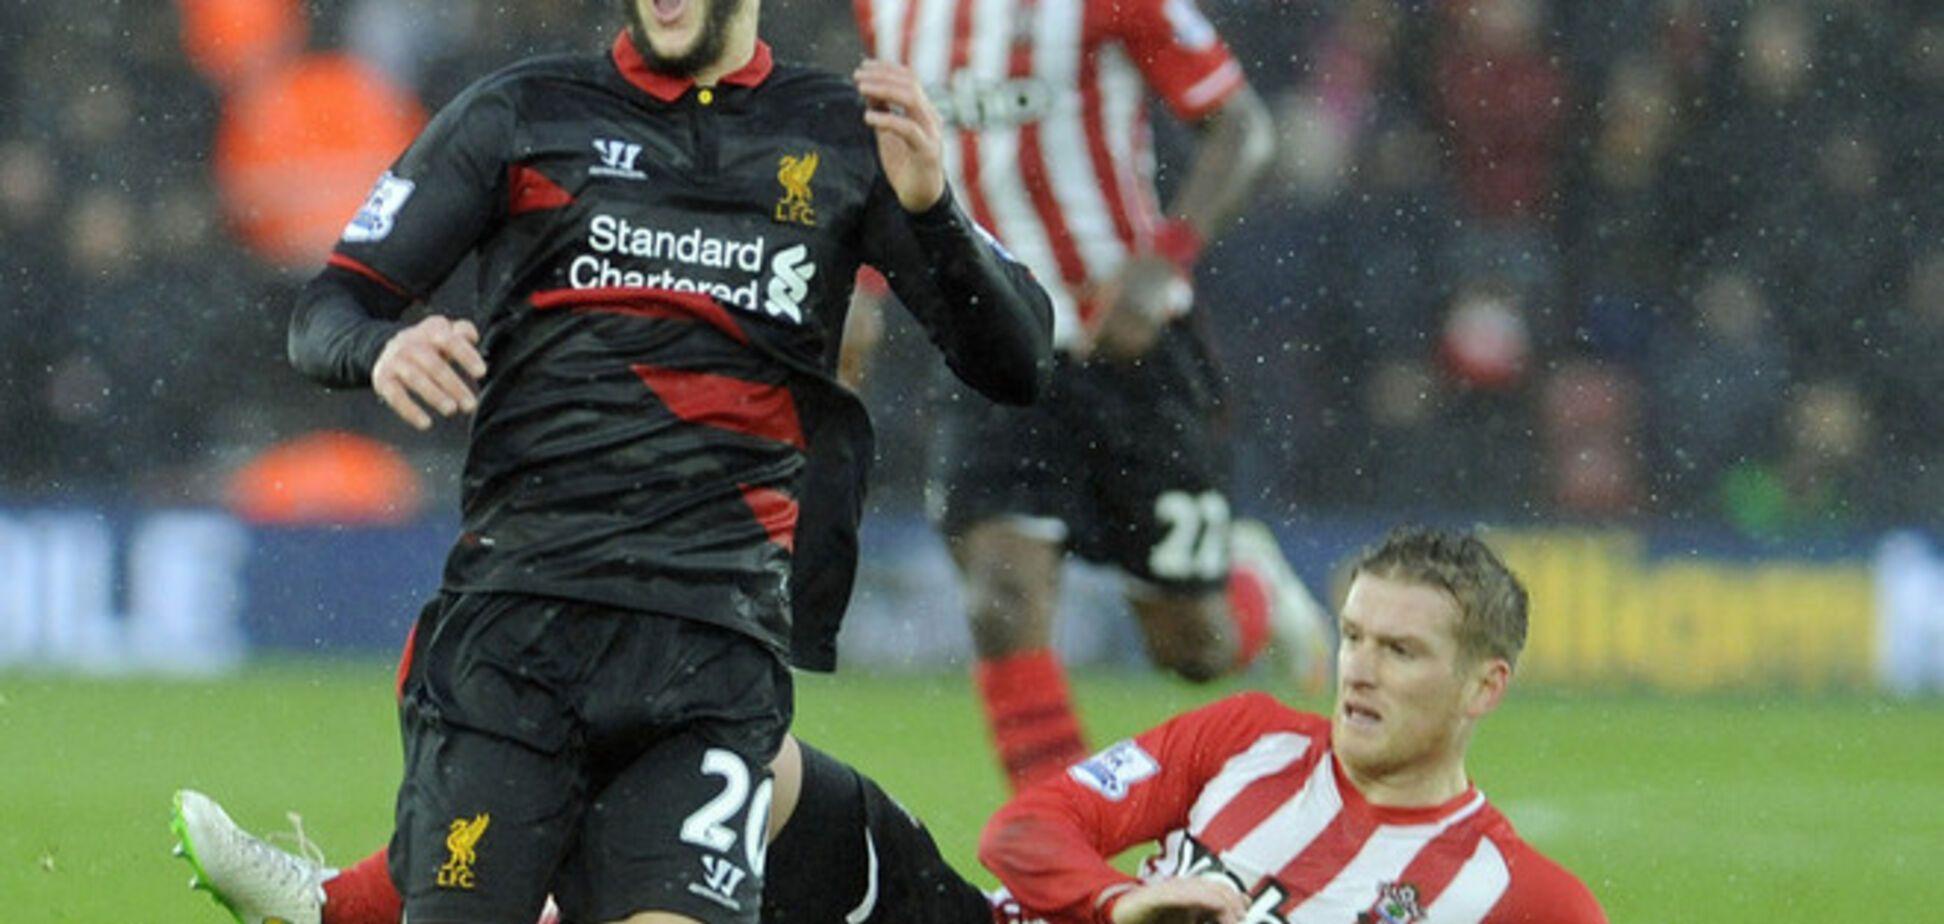 'Ливерпуль' обострил борьбу за Лигу чемпионов